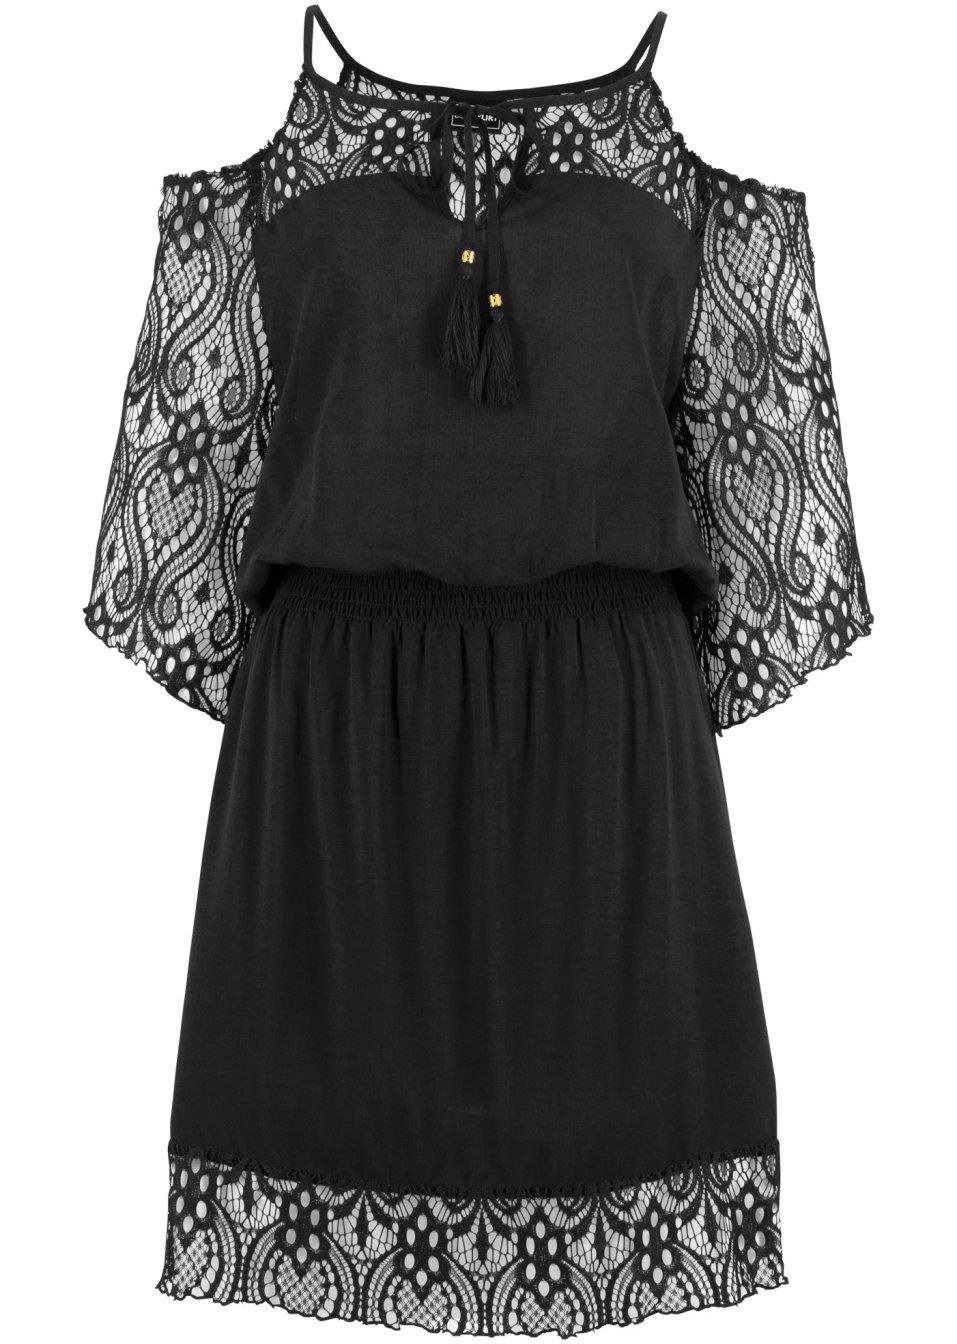 Feminines Off-Shoulder Strandkleid mit romantischen Spitzendetails - schwarz d2rAR yZi71